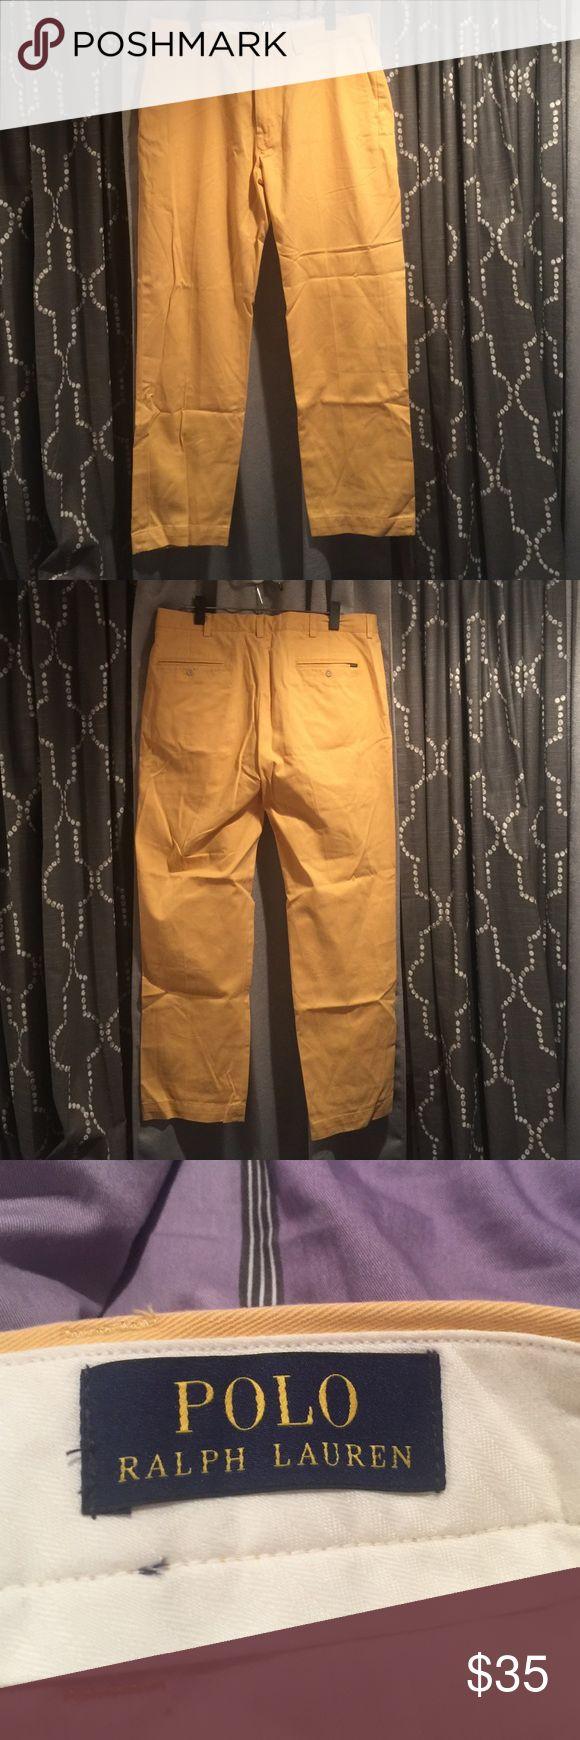 Polo Ralph Lauren Men's Pants: Size 36/32 Polo Ralph Lauren Men's pants, yellow, size 36/32, gently worn Ralph Lauren Pants